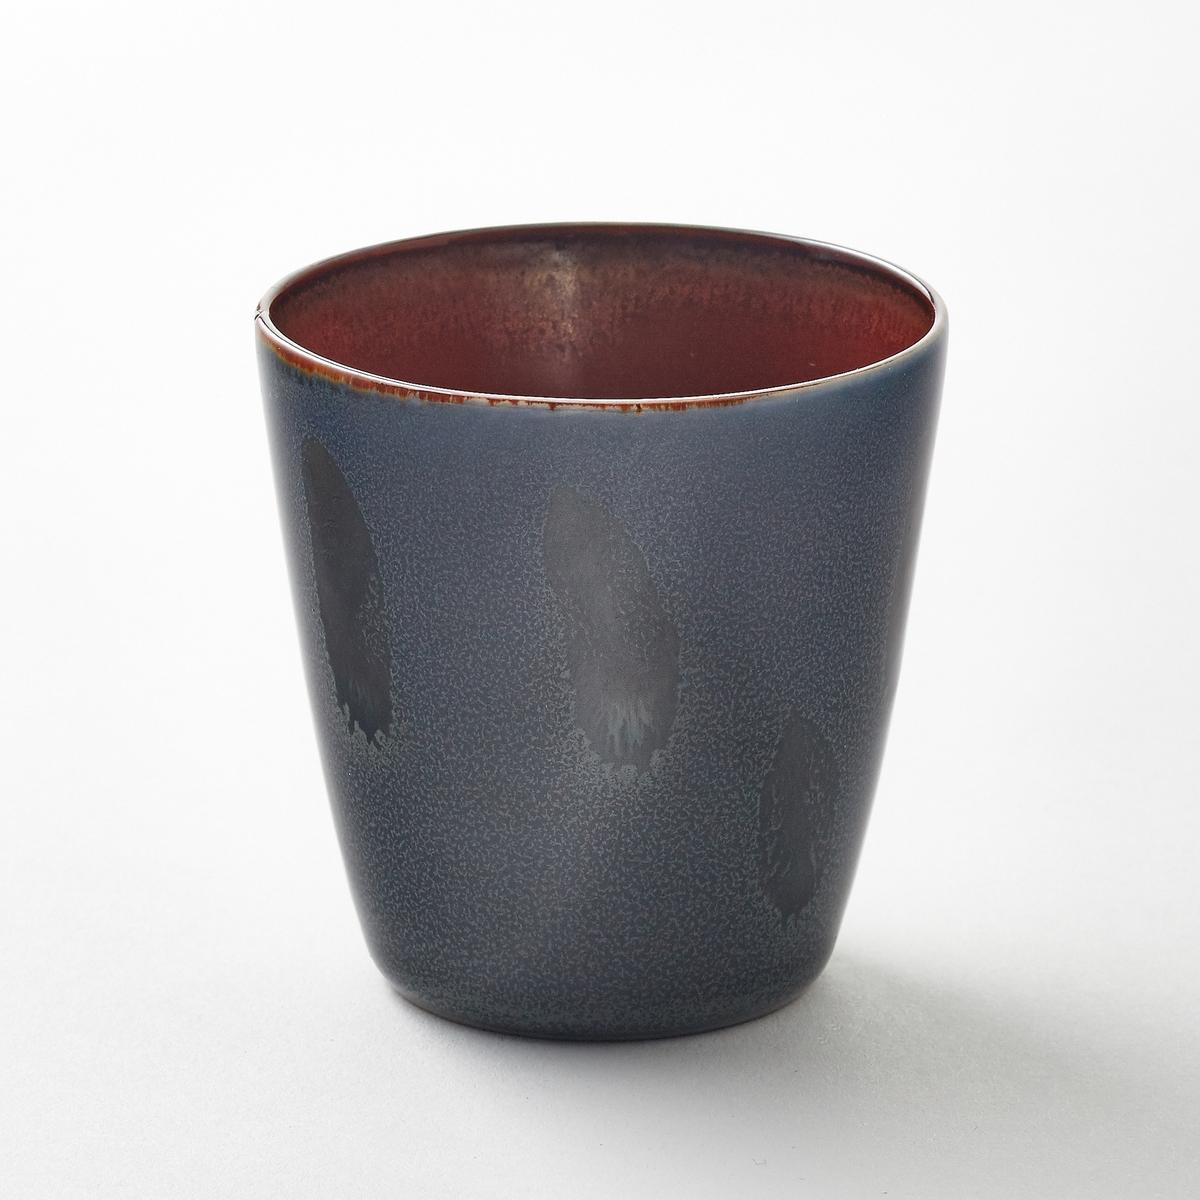 Стакан из керамики, высота 7,5 см, Banoka